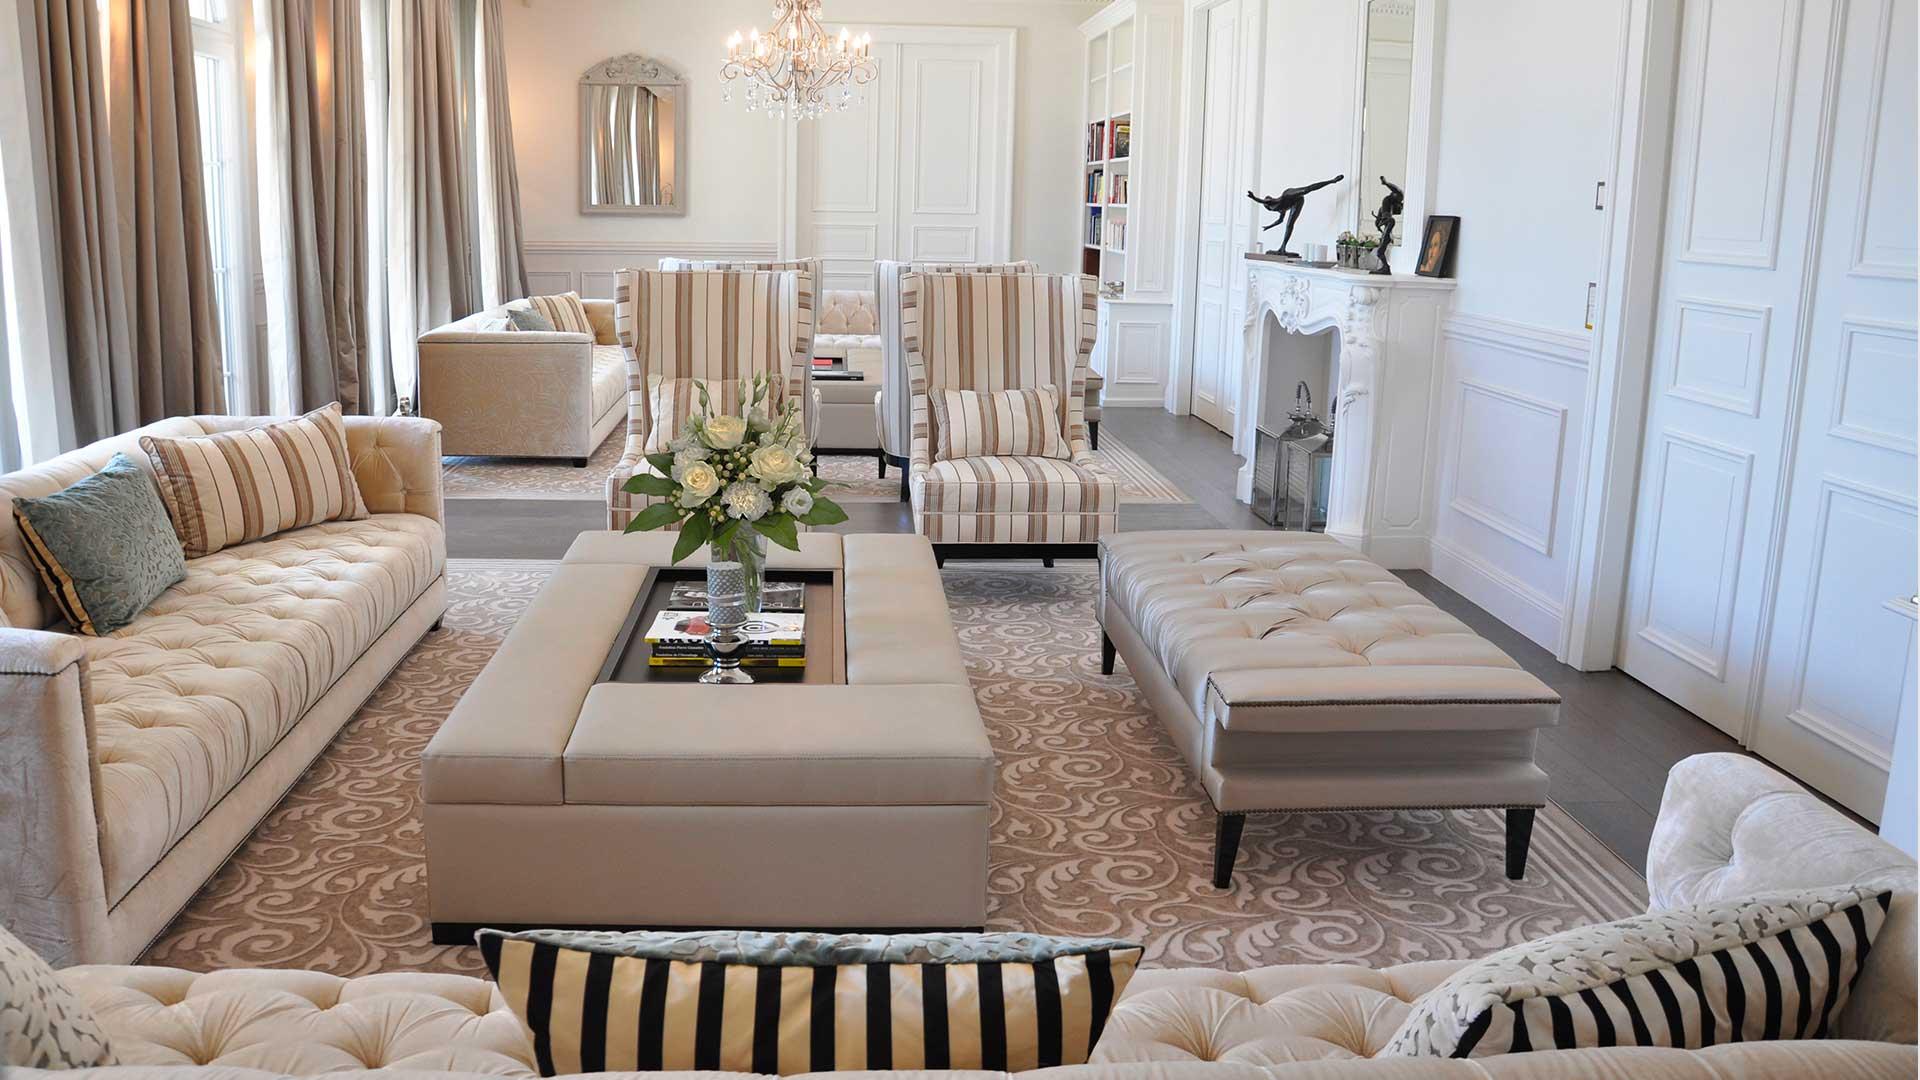 FAMILY-HOUSE-GENEVA-02-Dome-interior-design-Geneve-Suisse